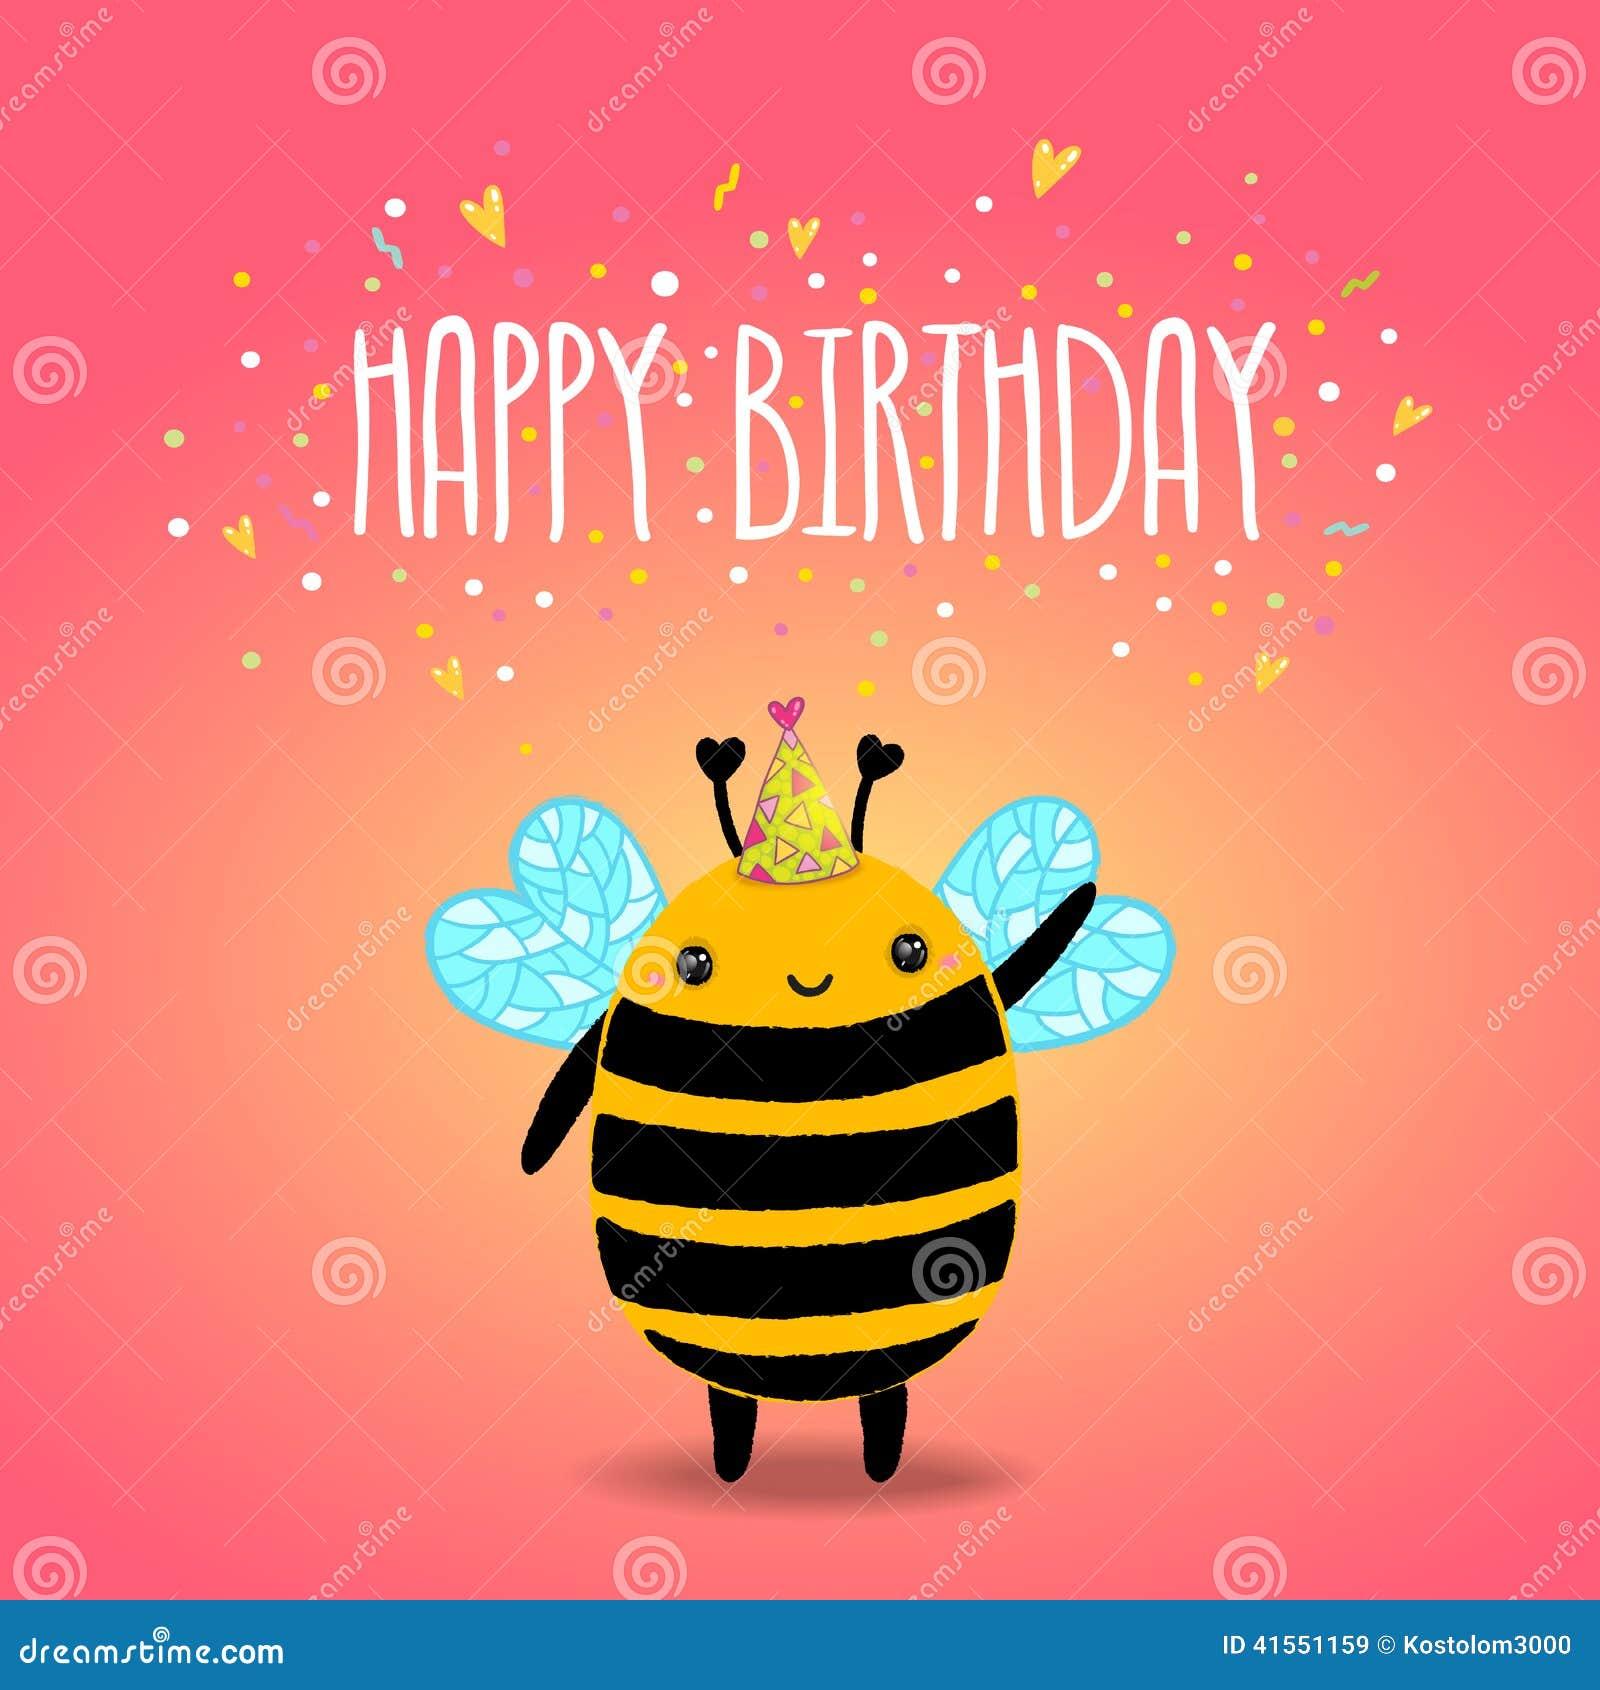 Фотки, поздравления с днем рождения в картинках пчелы